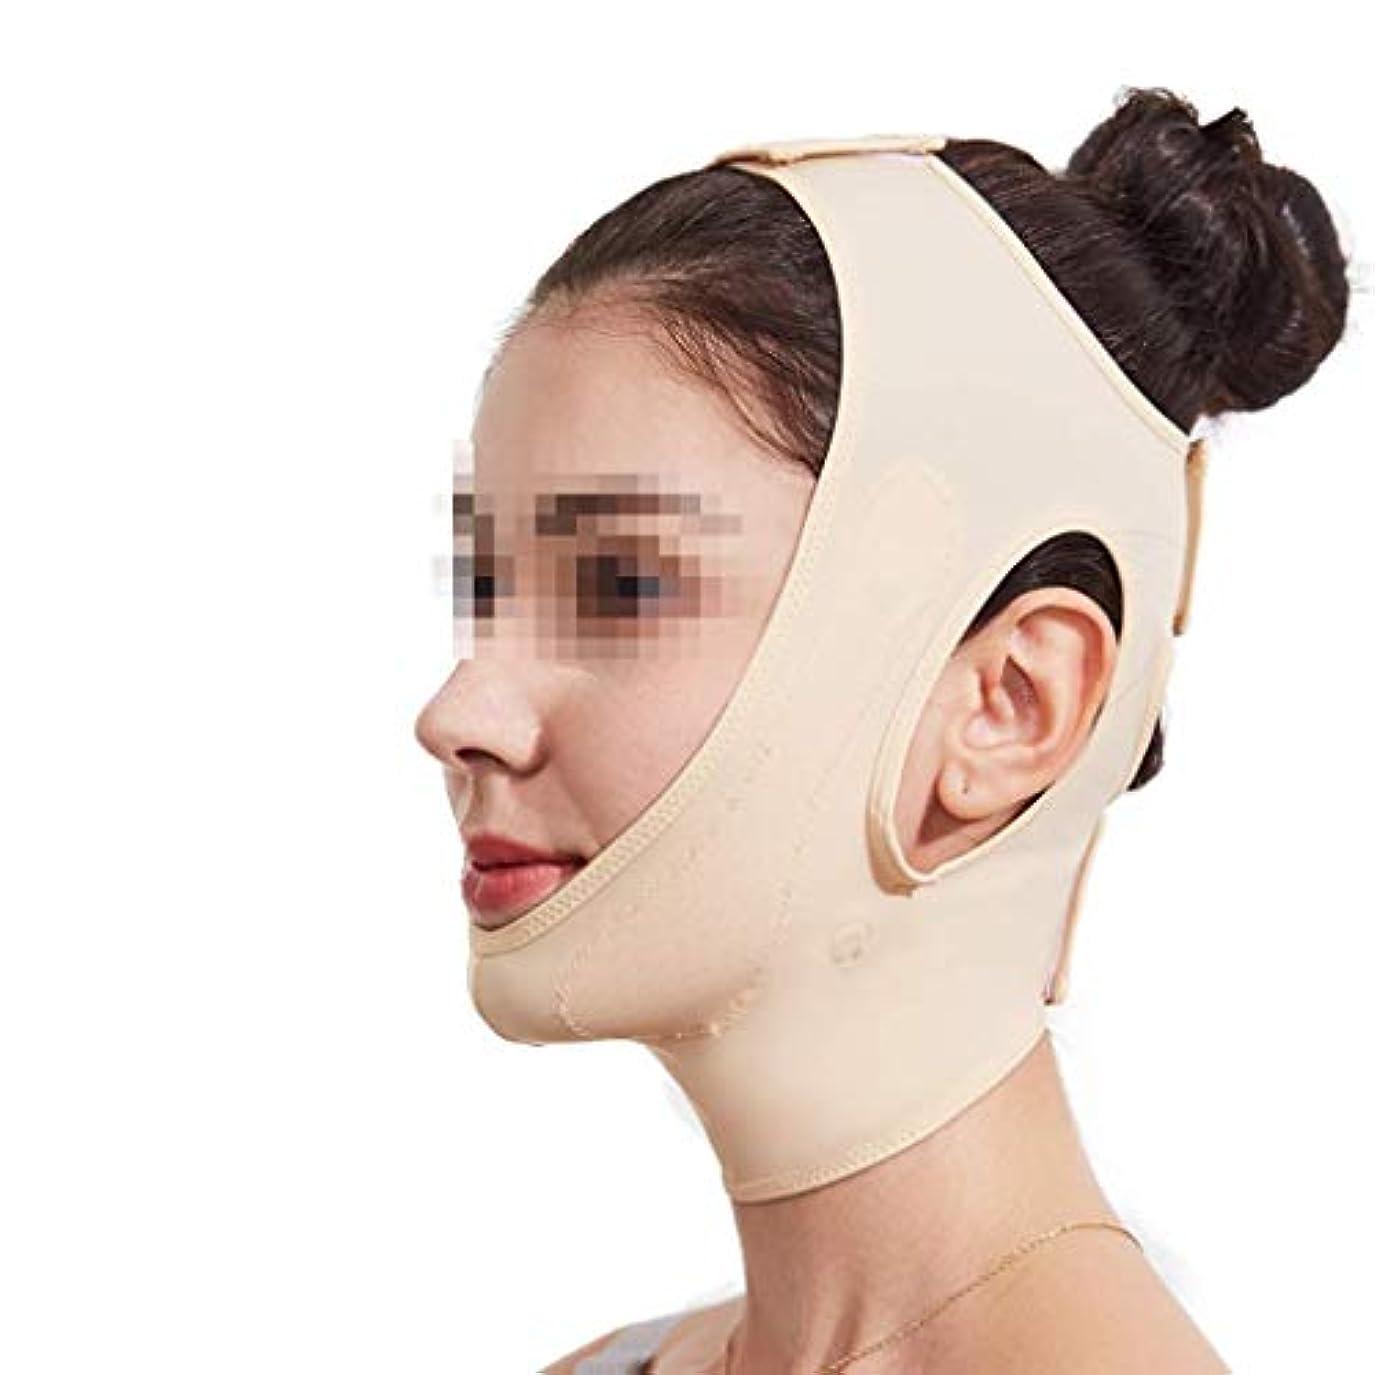 パターンサイズタオルフェイスリフティングバンデージ、フェイスマスクフェイスリフトチン快適な顔マルチカラーオプション(色:肌のトーン)